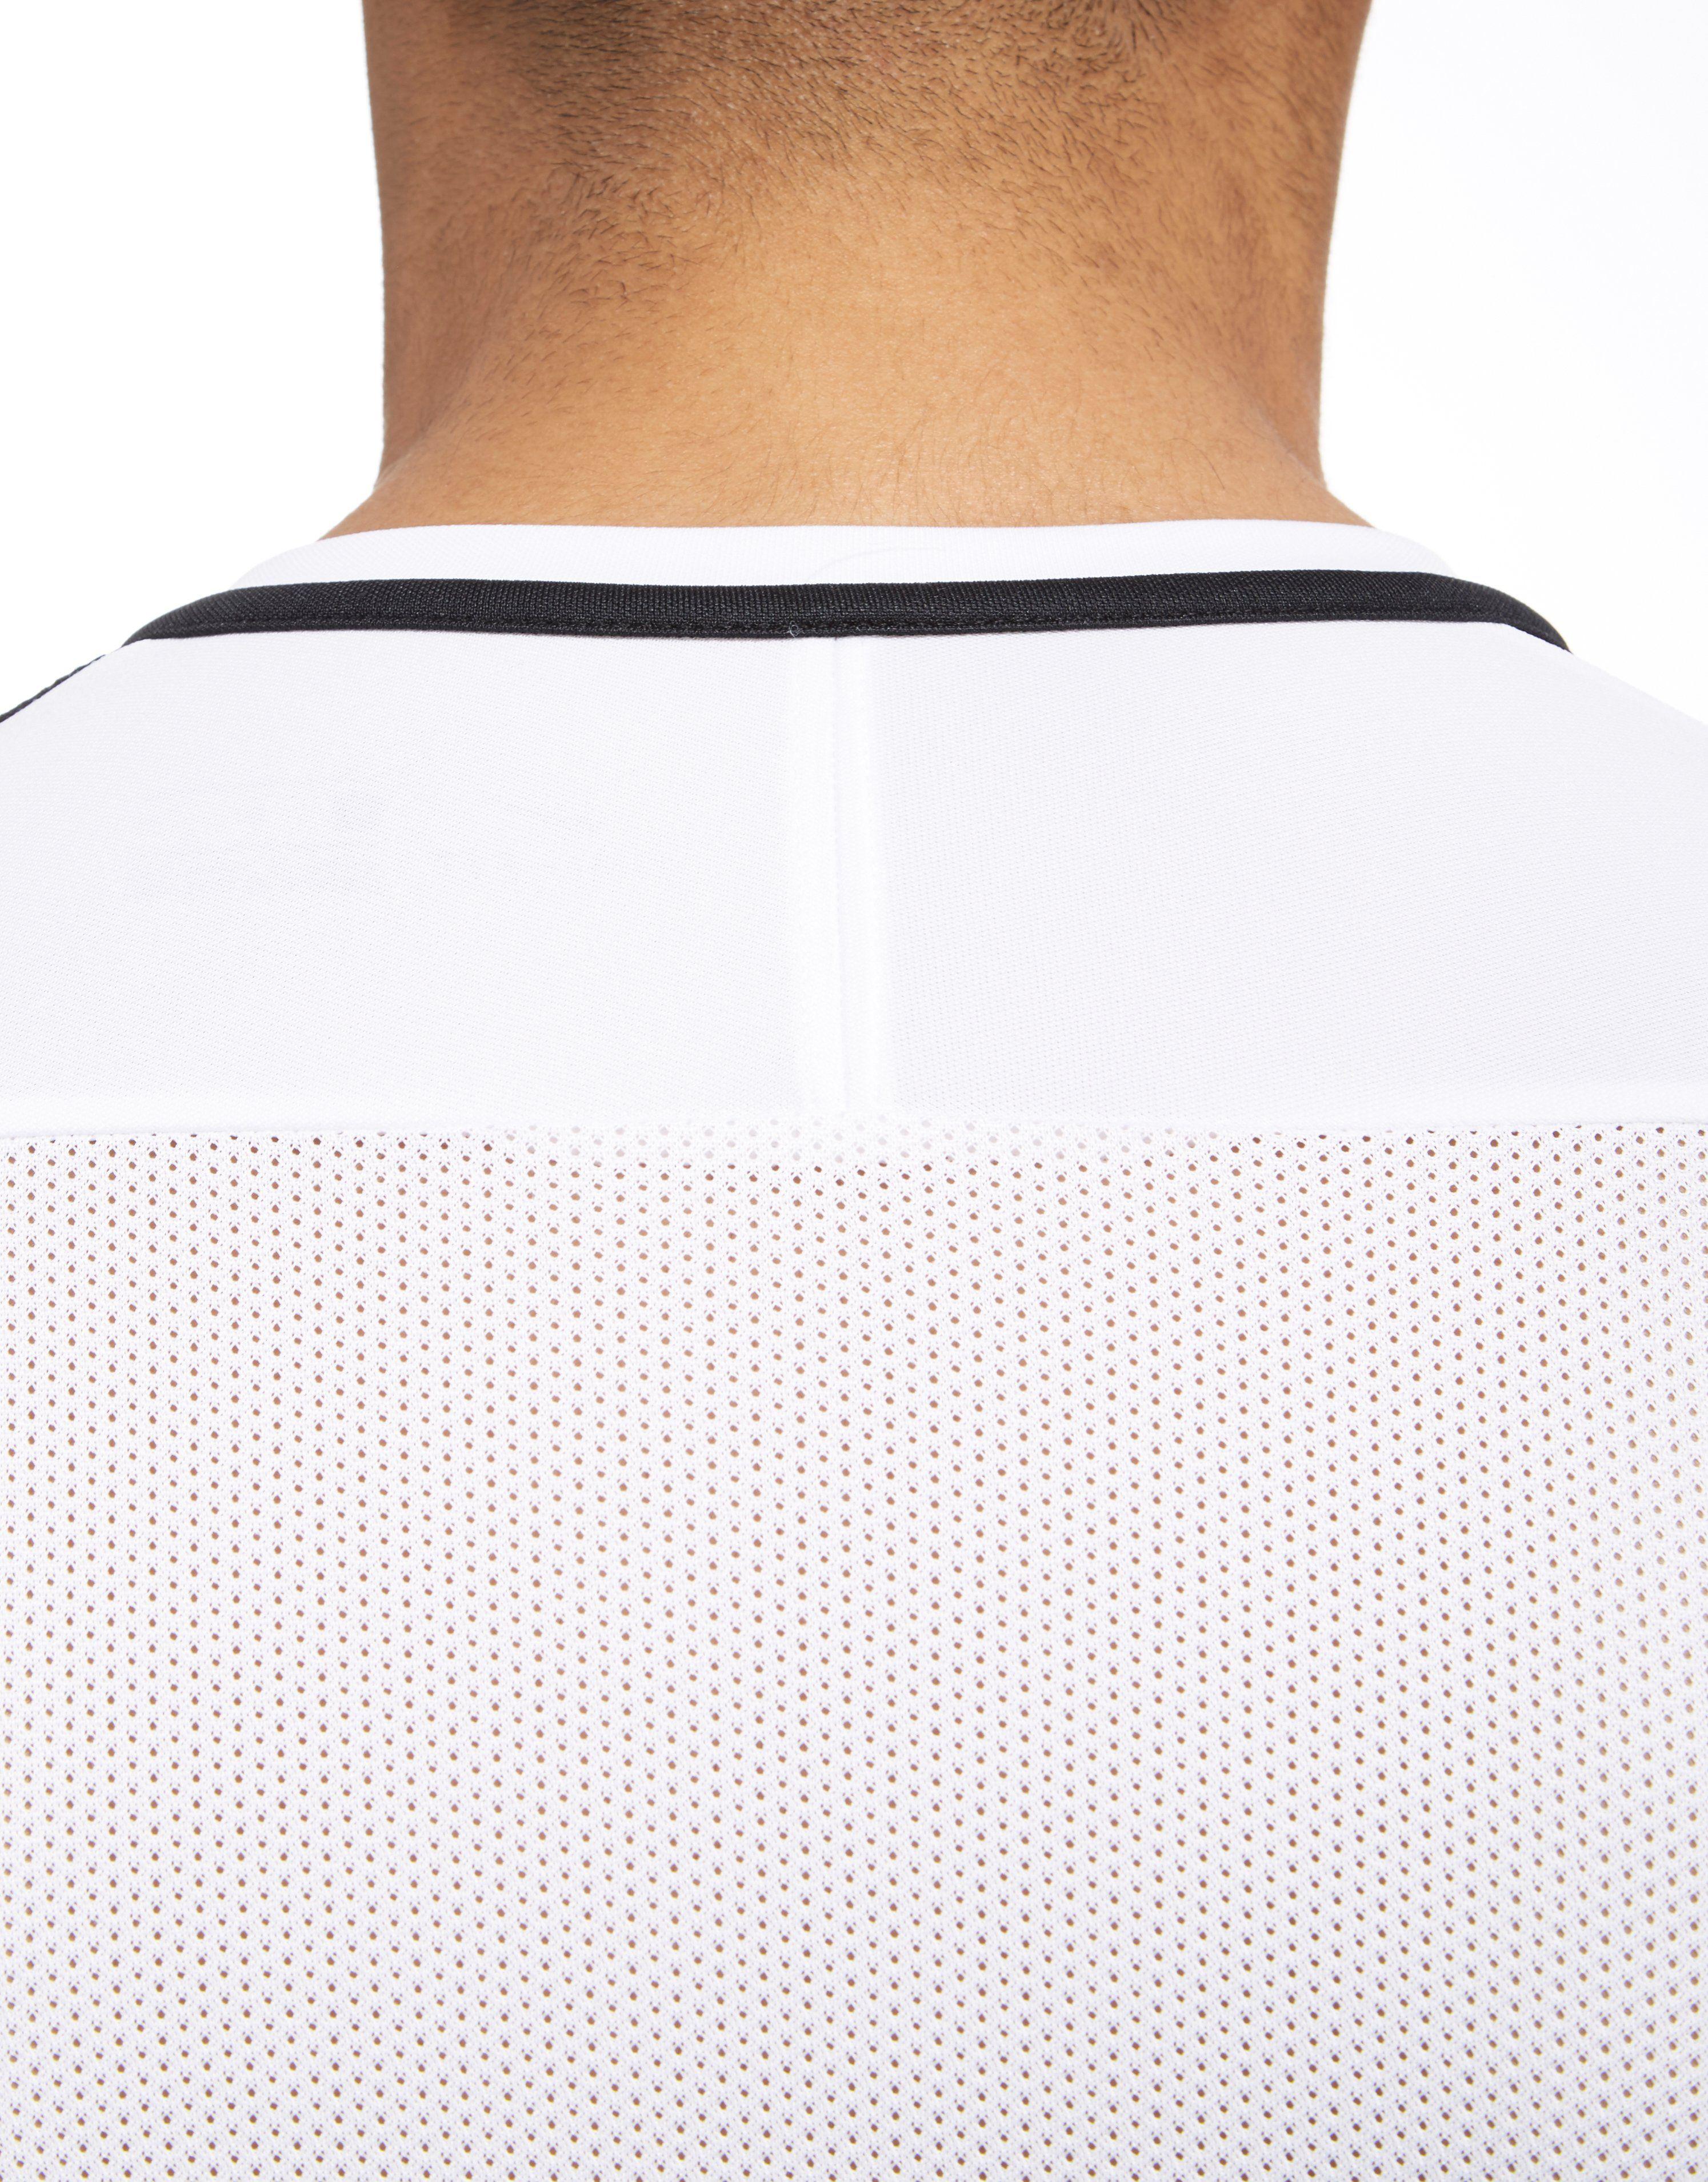 Nike Weiss T Academy Weiss Shirt Nike 17 Shirt T Academy Weiss T Shirt Academy 17 Nike Nike 17 qfRgxwS7